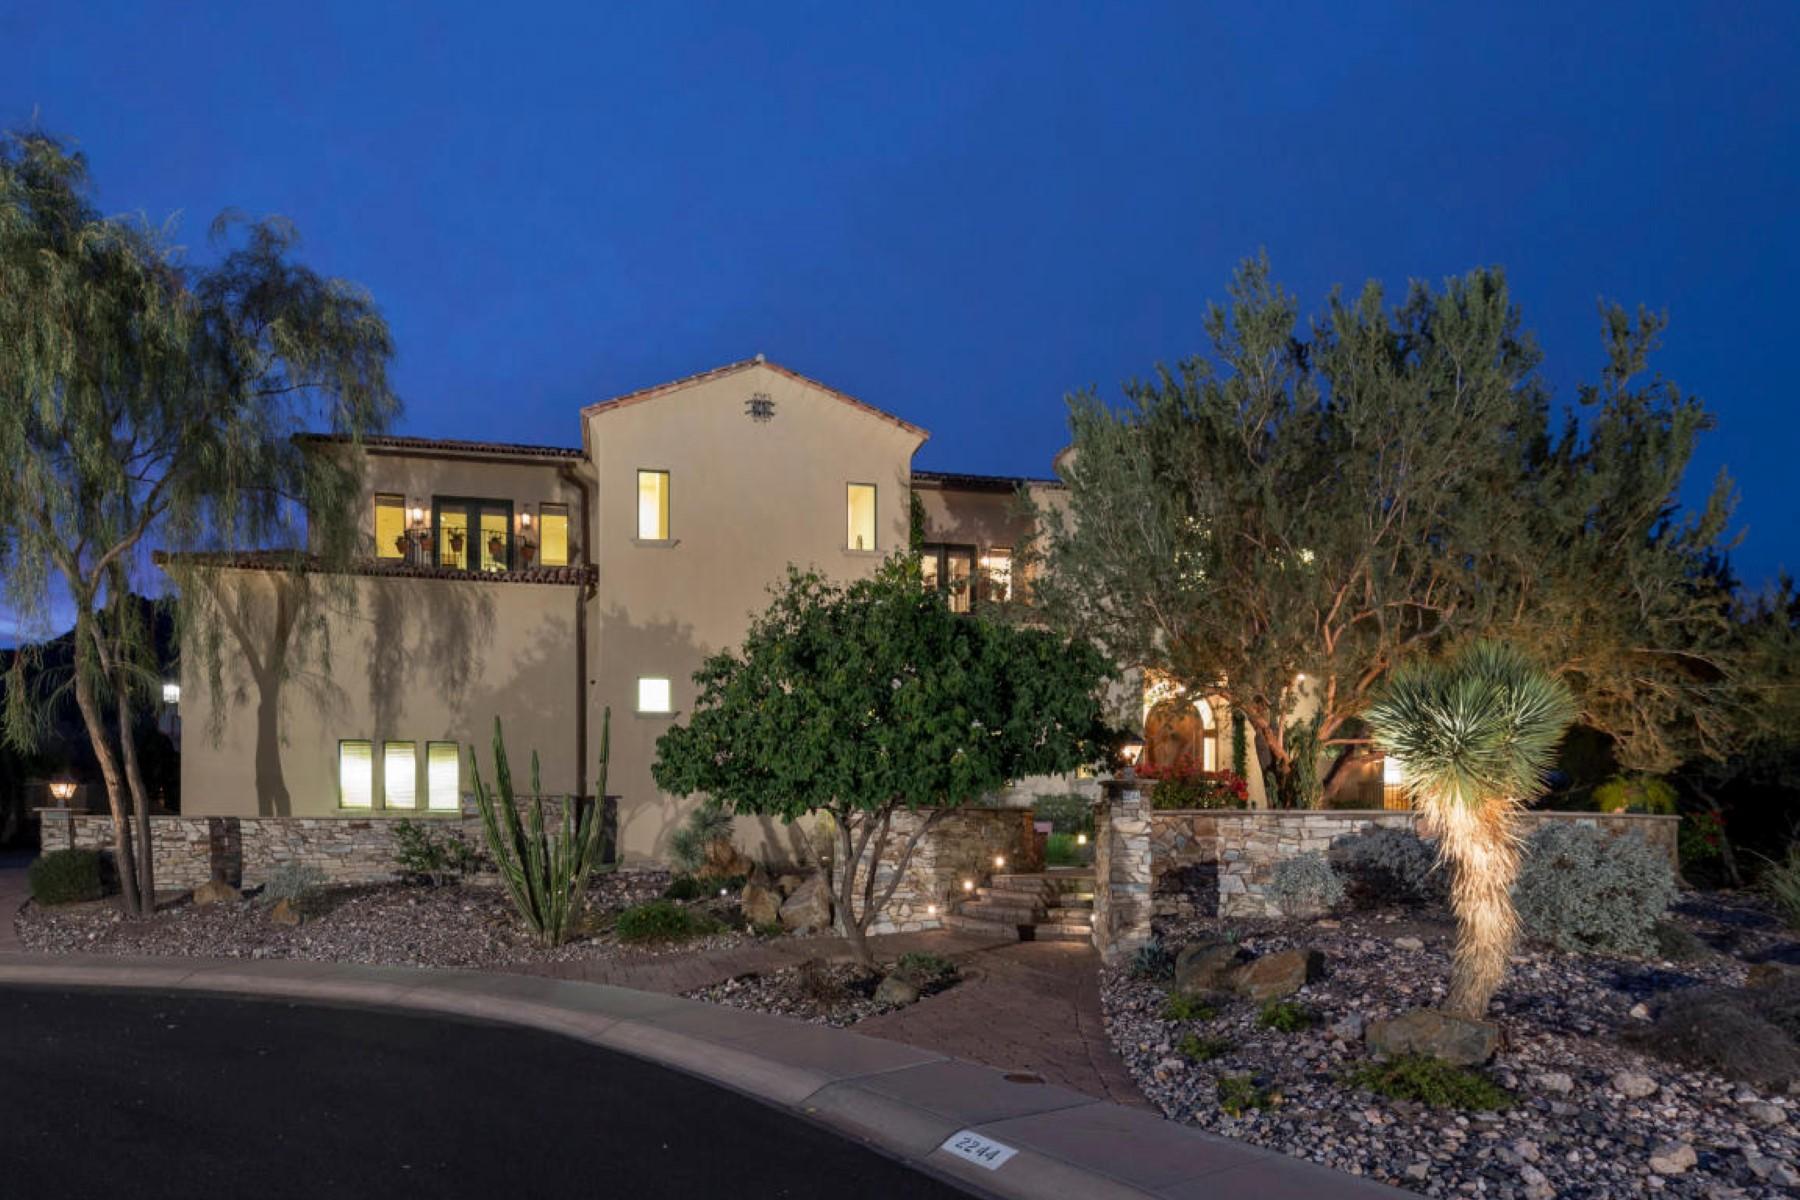 Maison unifamiliale pour l Vente à Beautiful Custom Home Nestled By Phoenix Mountain Preserve w/ Breathtaking Views 2244 E Vogel Ave Phoenix, Arizona 85028 États-Unis